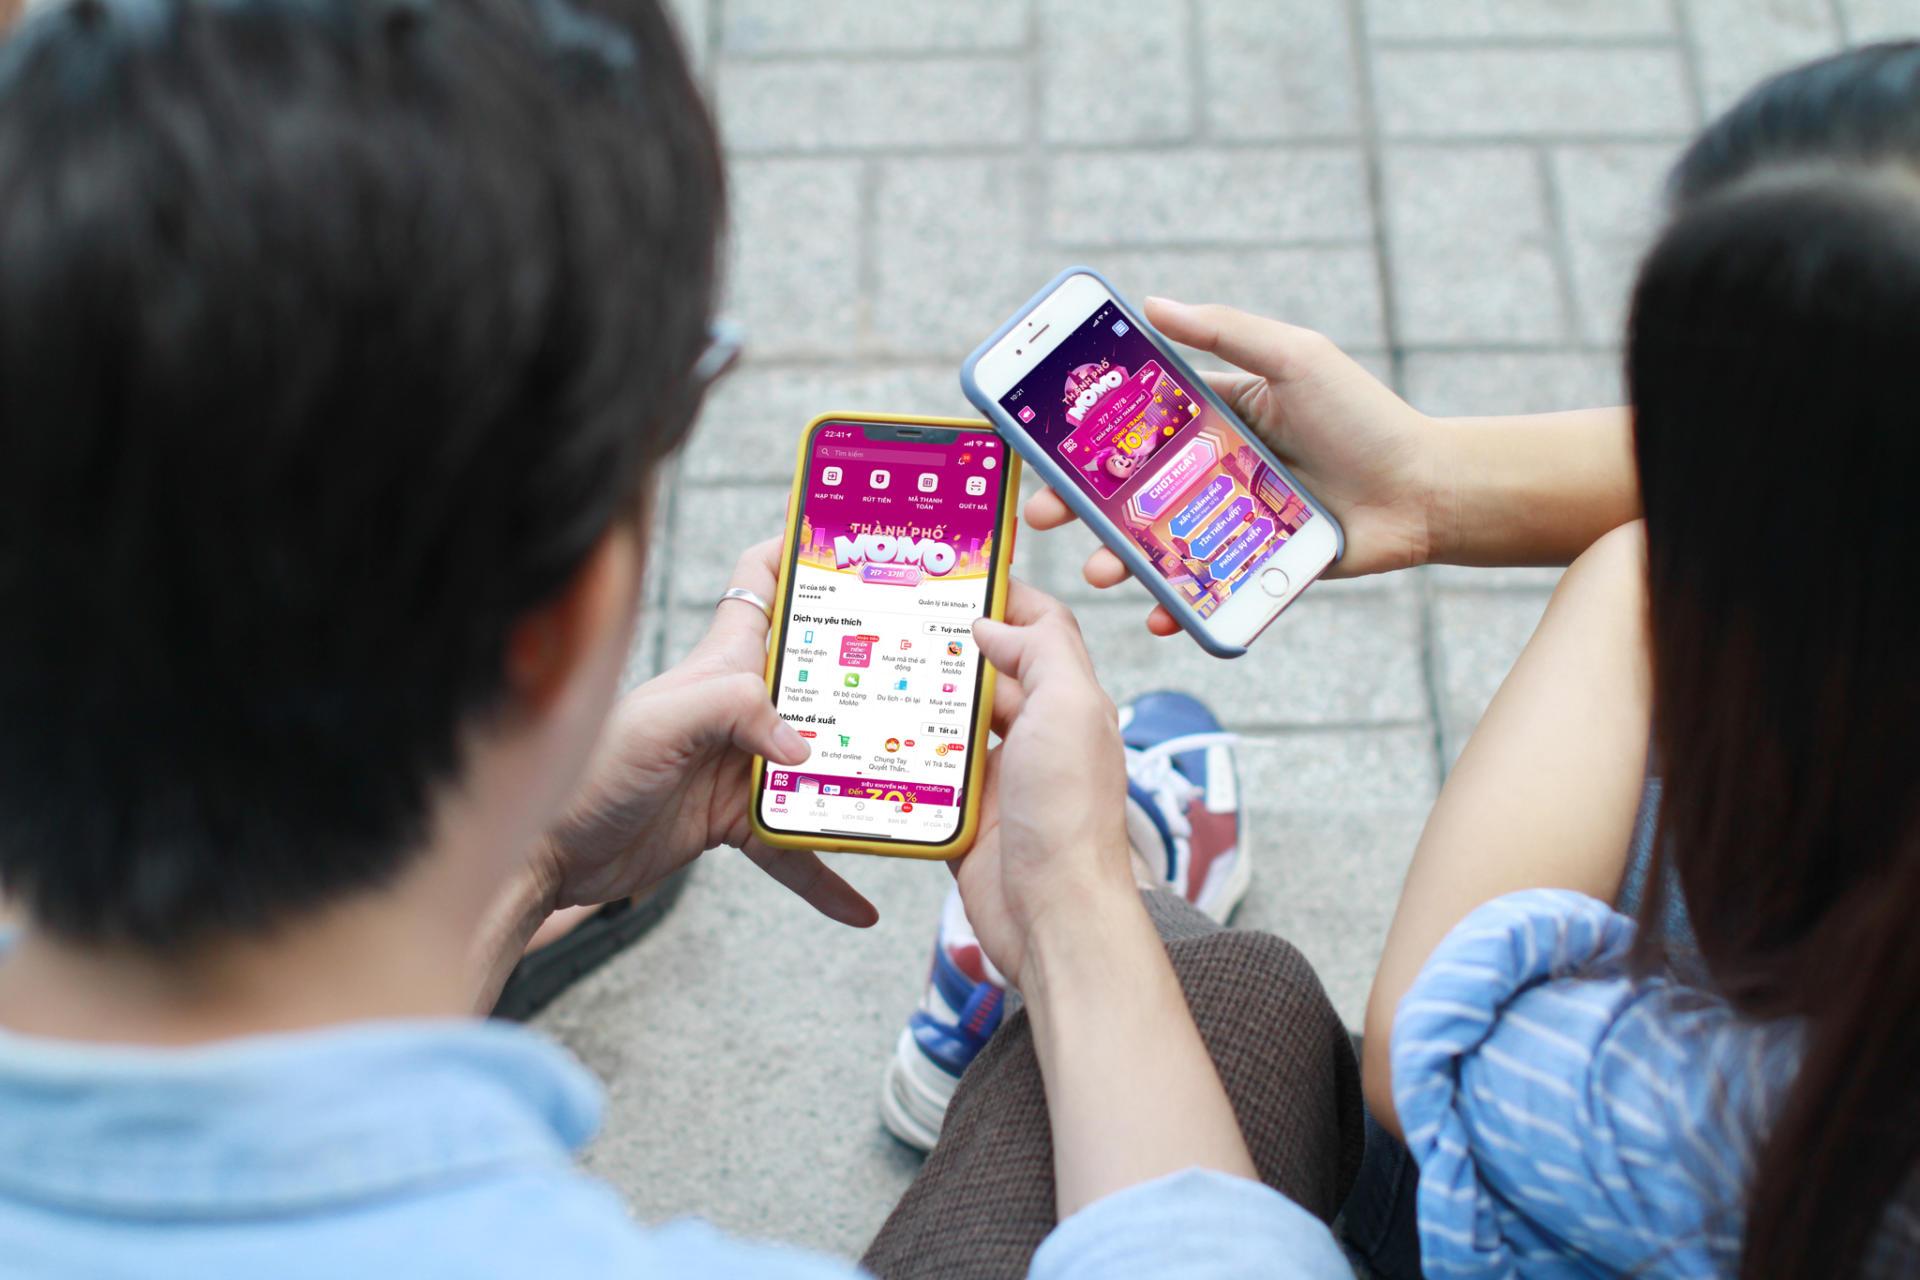 Thành phố MoMo thu hút 8 triệu người chơi, trao quà khủng tại vòng chung kết online